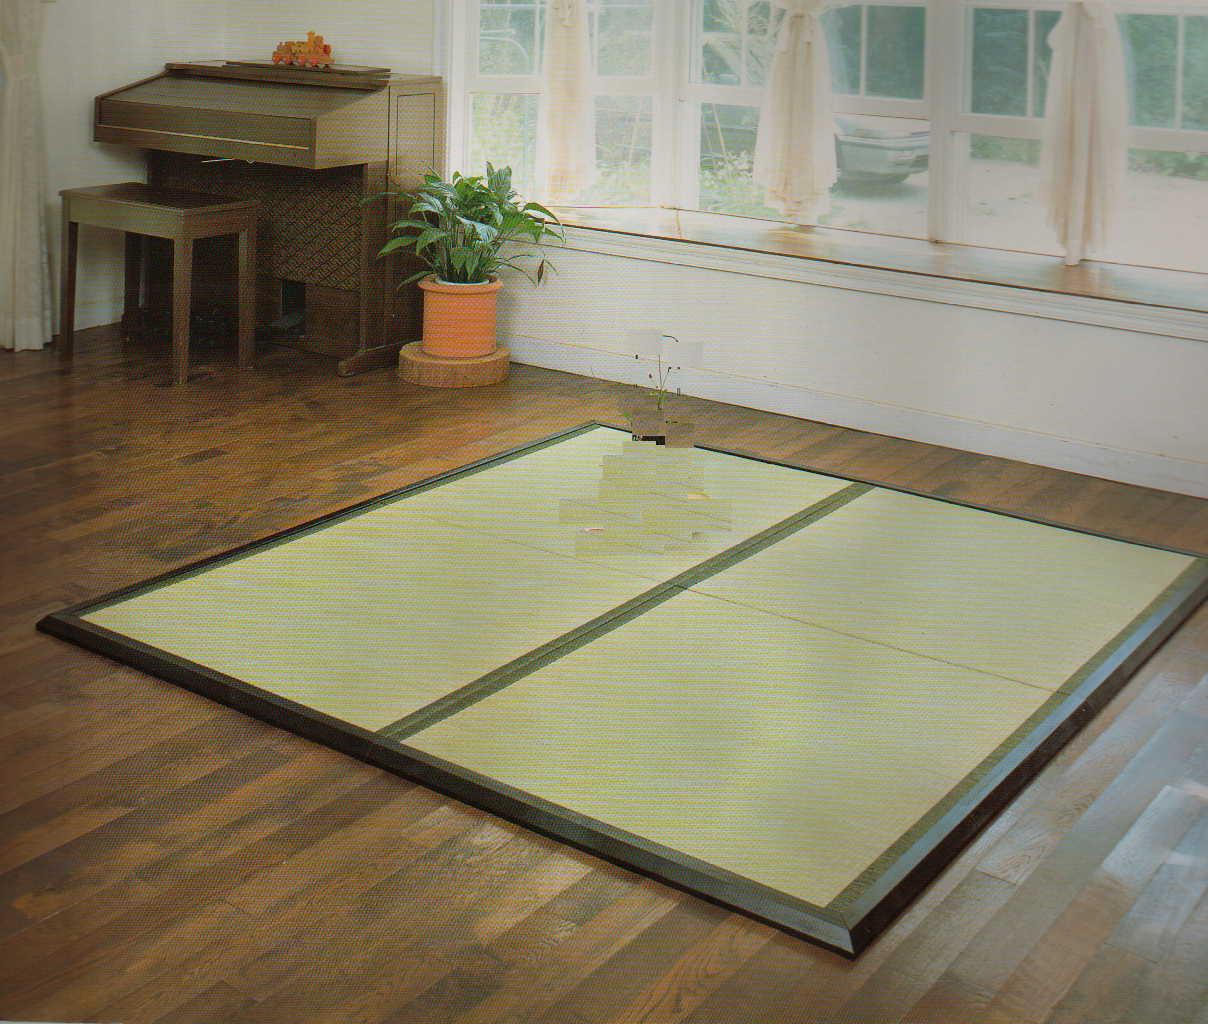 Anese Tatami Floor Mats Carpet Vidalondon